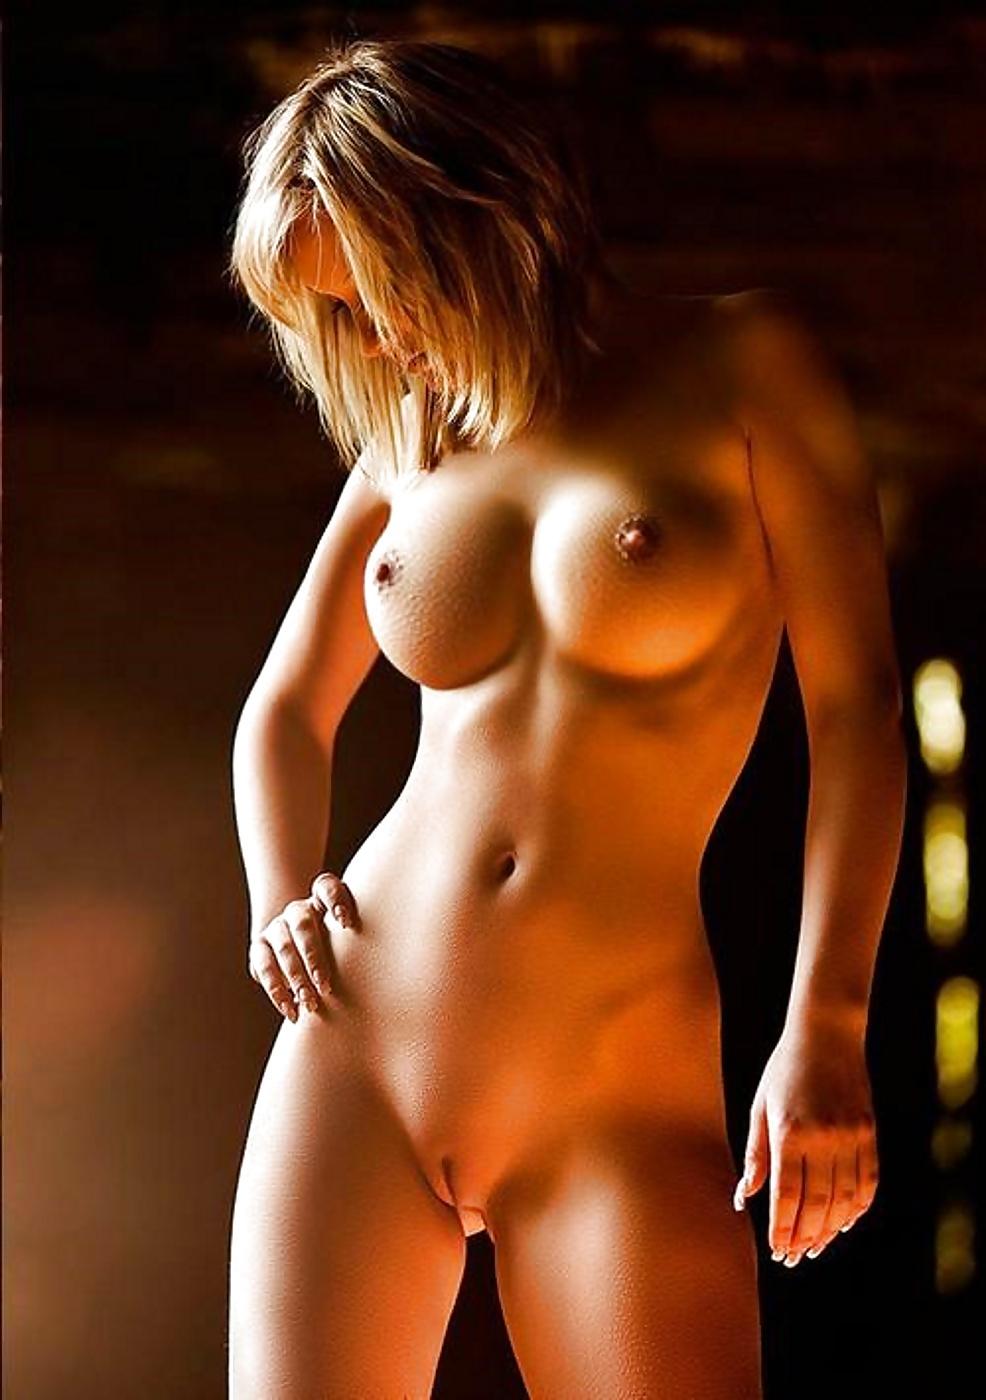 Красивое женское тело фотографии голое, секс как мне было приятно когда парень лизал пизду